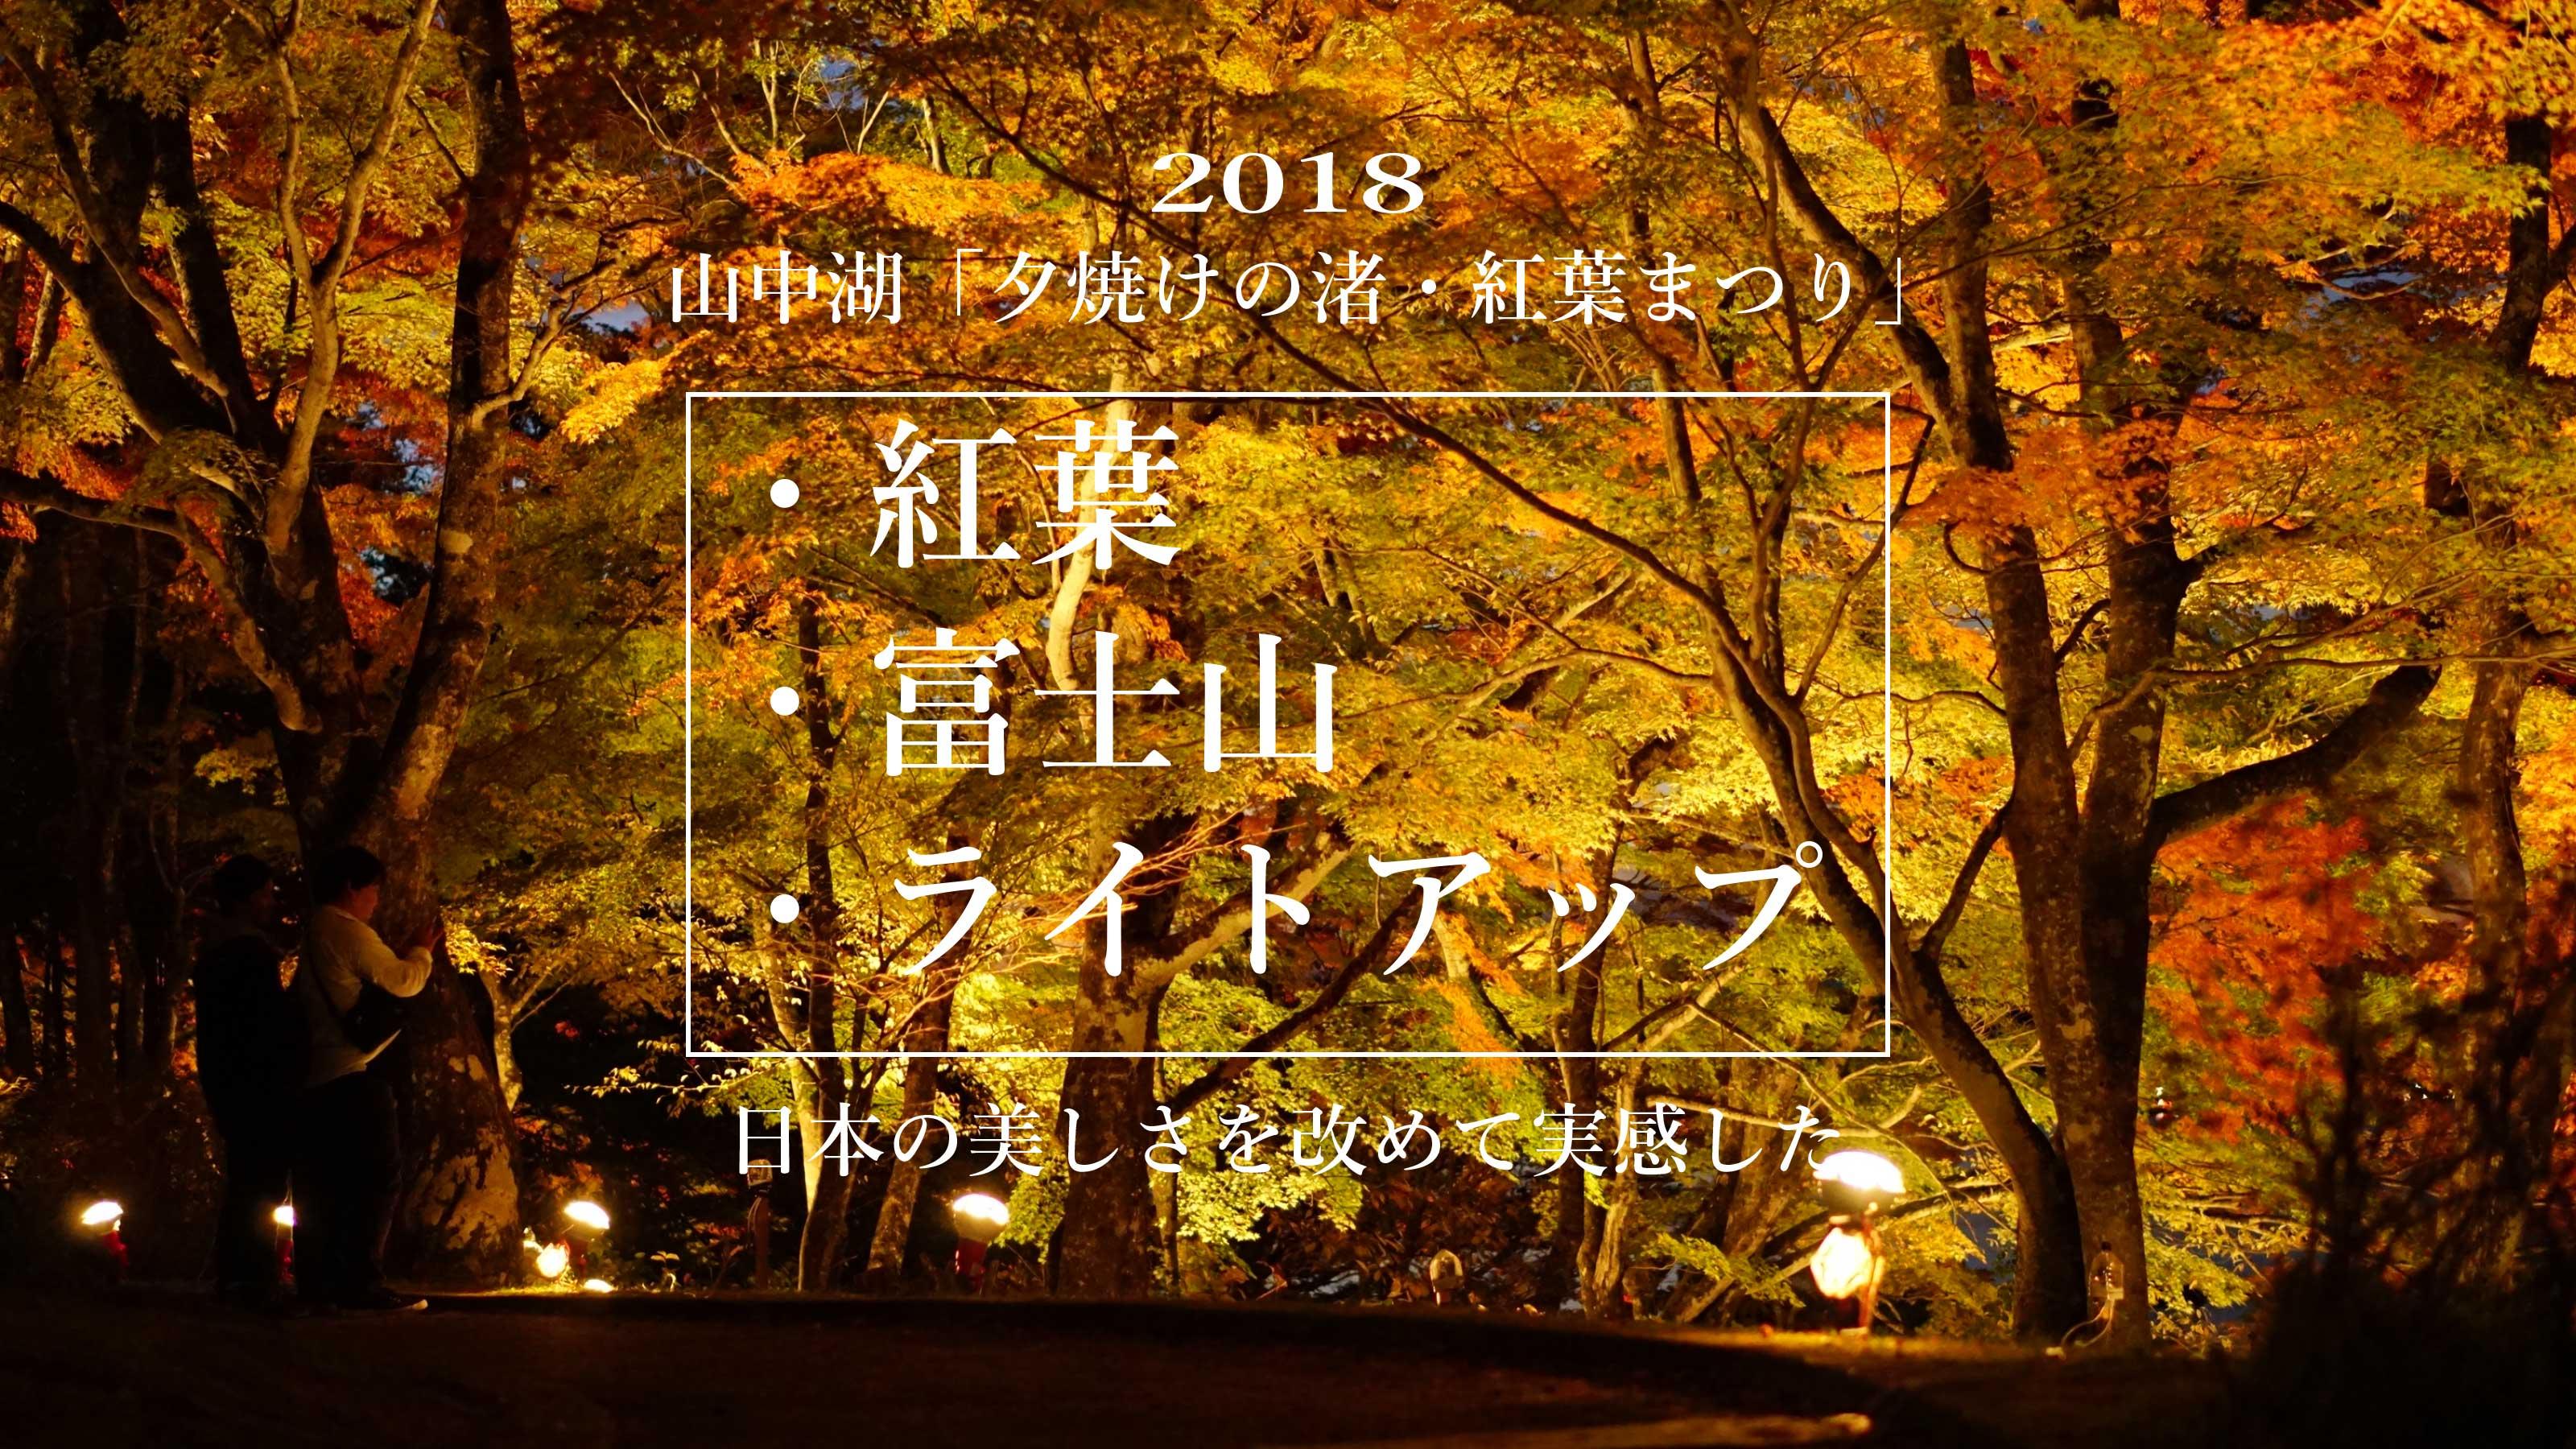 【2018年版】山中湖「夕焼けの渚・紅葉まつり」でライトアップと富士山の絶景を撮影してきた